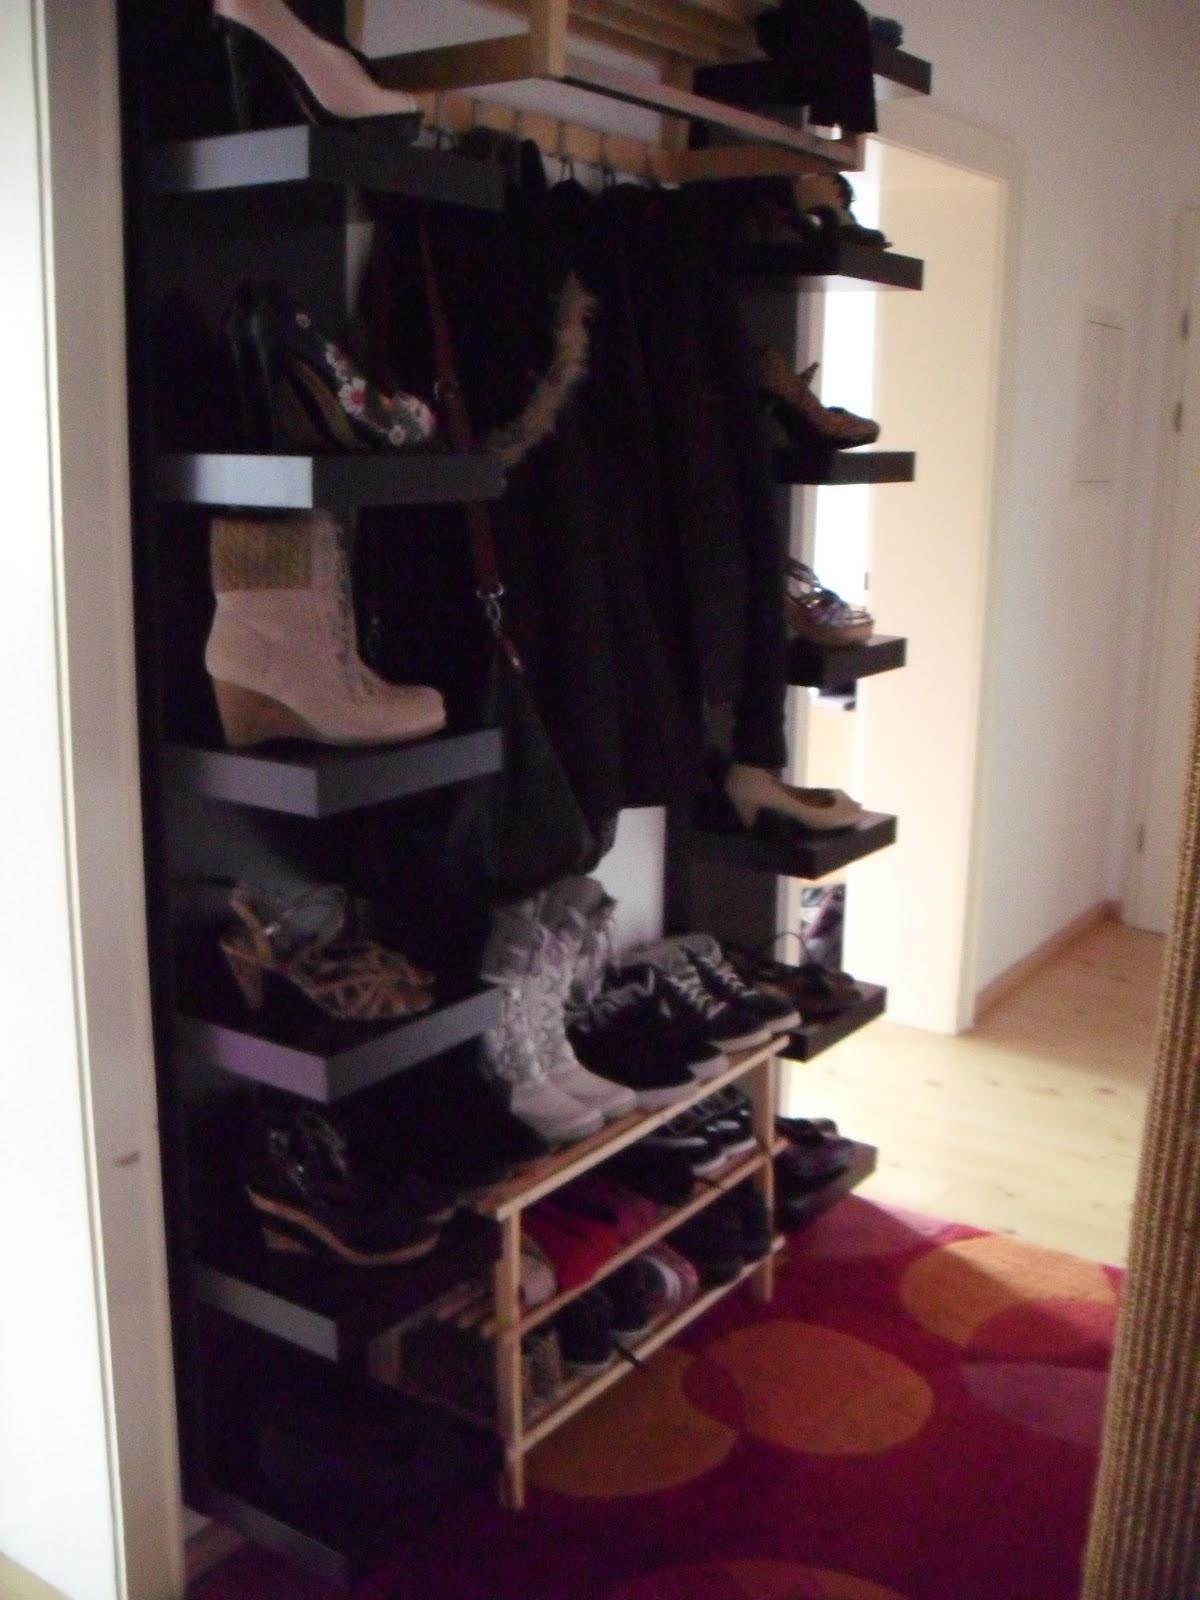 Wir Haben Rechts Und Links Von Unserer Garderobe Jeweils Ein Schuhregal  Angebracht (bzw. Mein Freund ;D). Ich Finde, Es Ist Recht Schick Geworden ;)